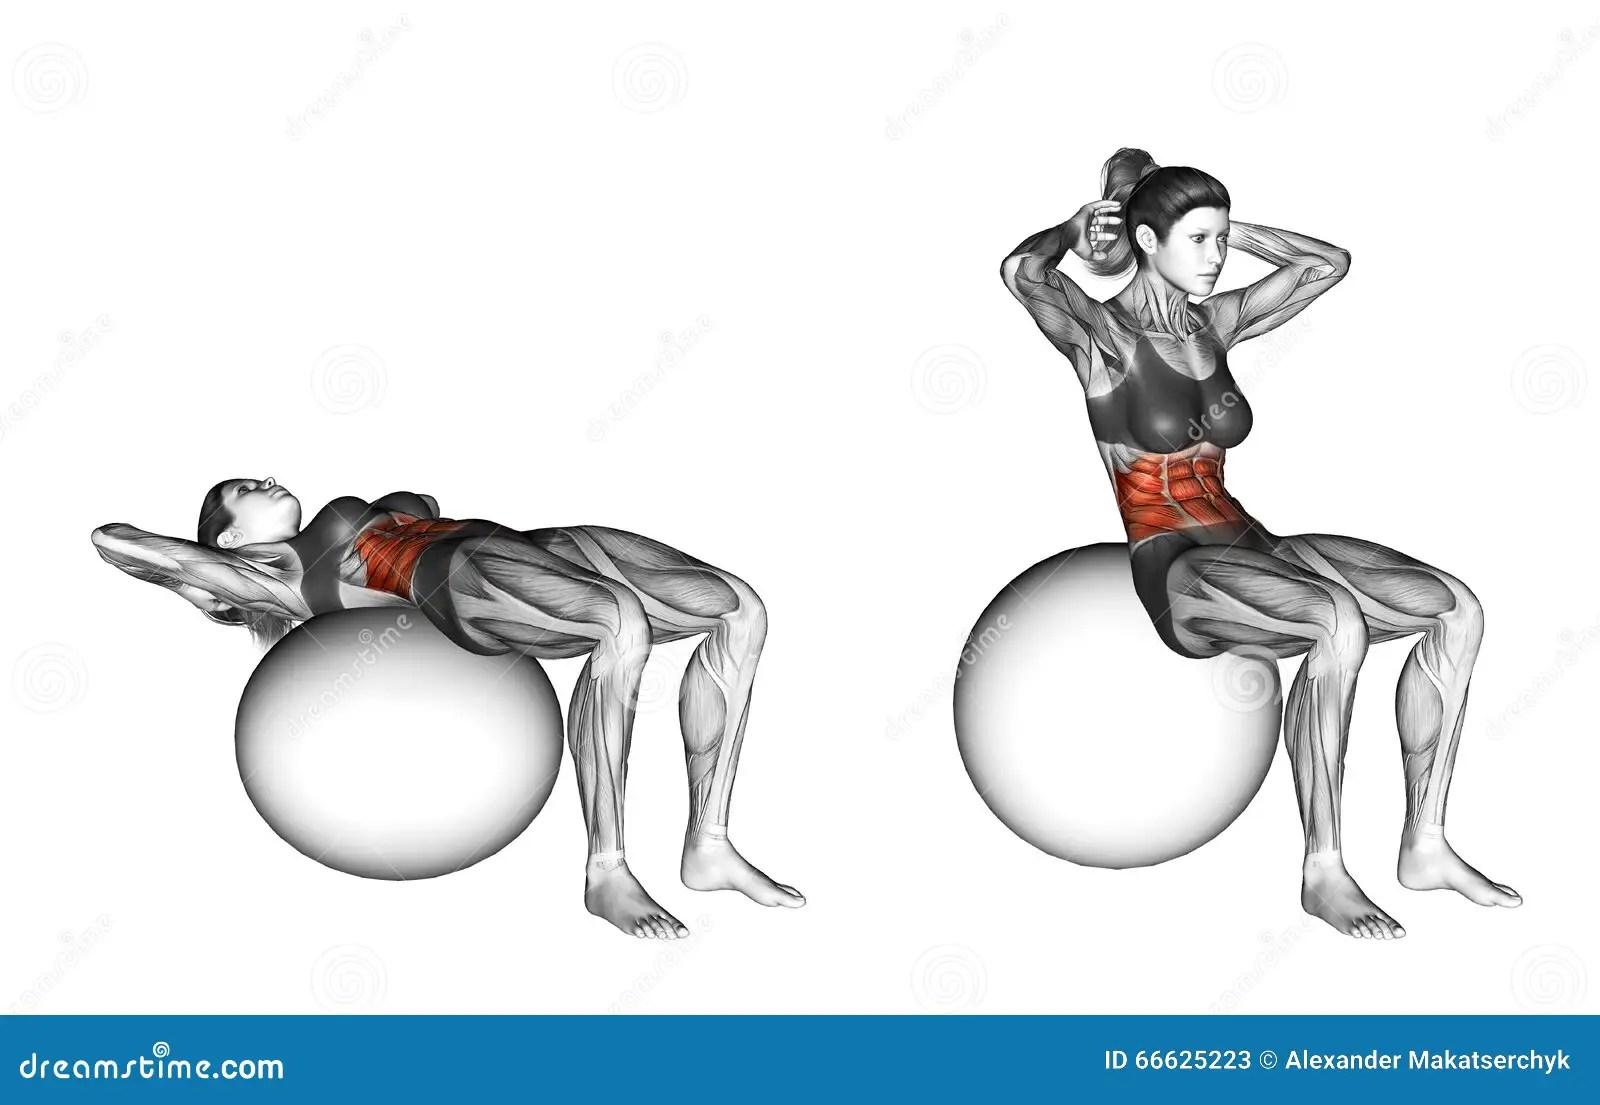 Fitball Exercising Ball Crunch Female Stock Illustration